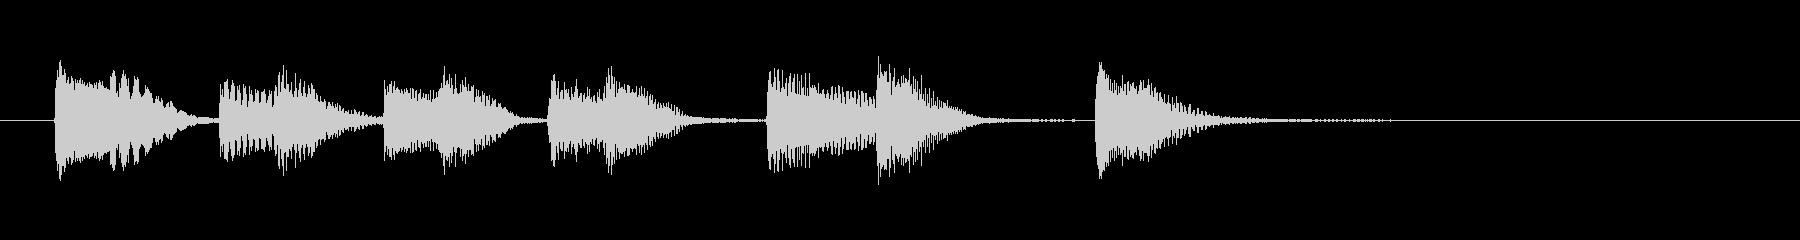 オチピアノ① ズッコケ 場面転換の未再生の波形